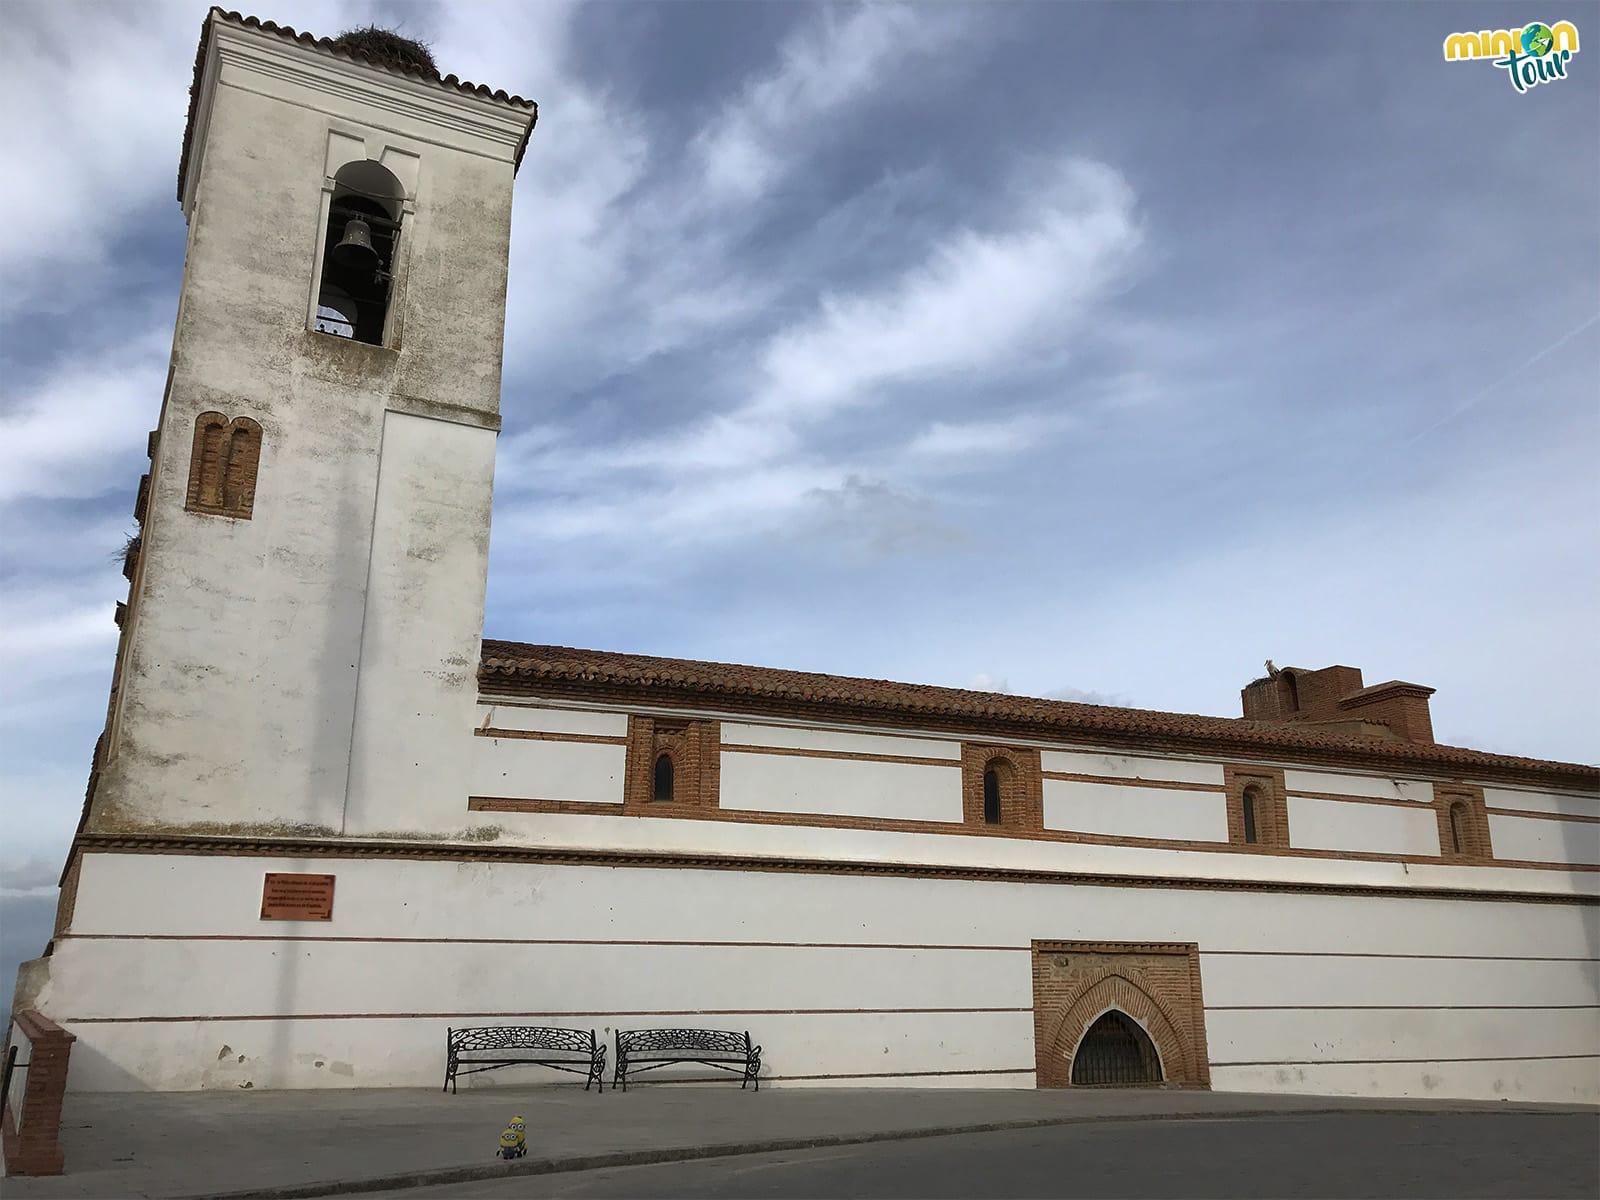 Qué ver en Puebla de Alcocer: la iglesia de Santiago Apóstol